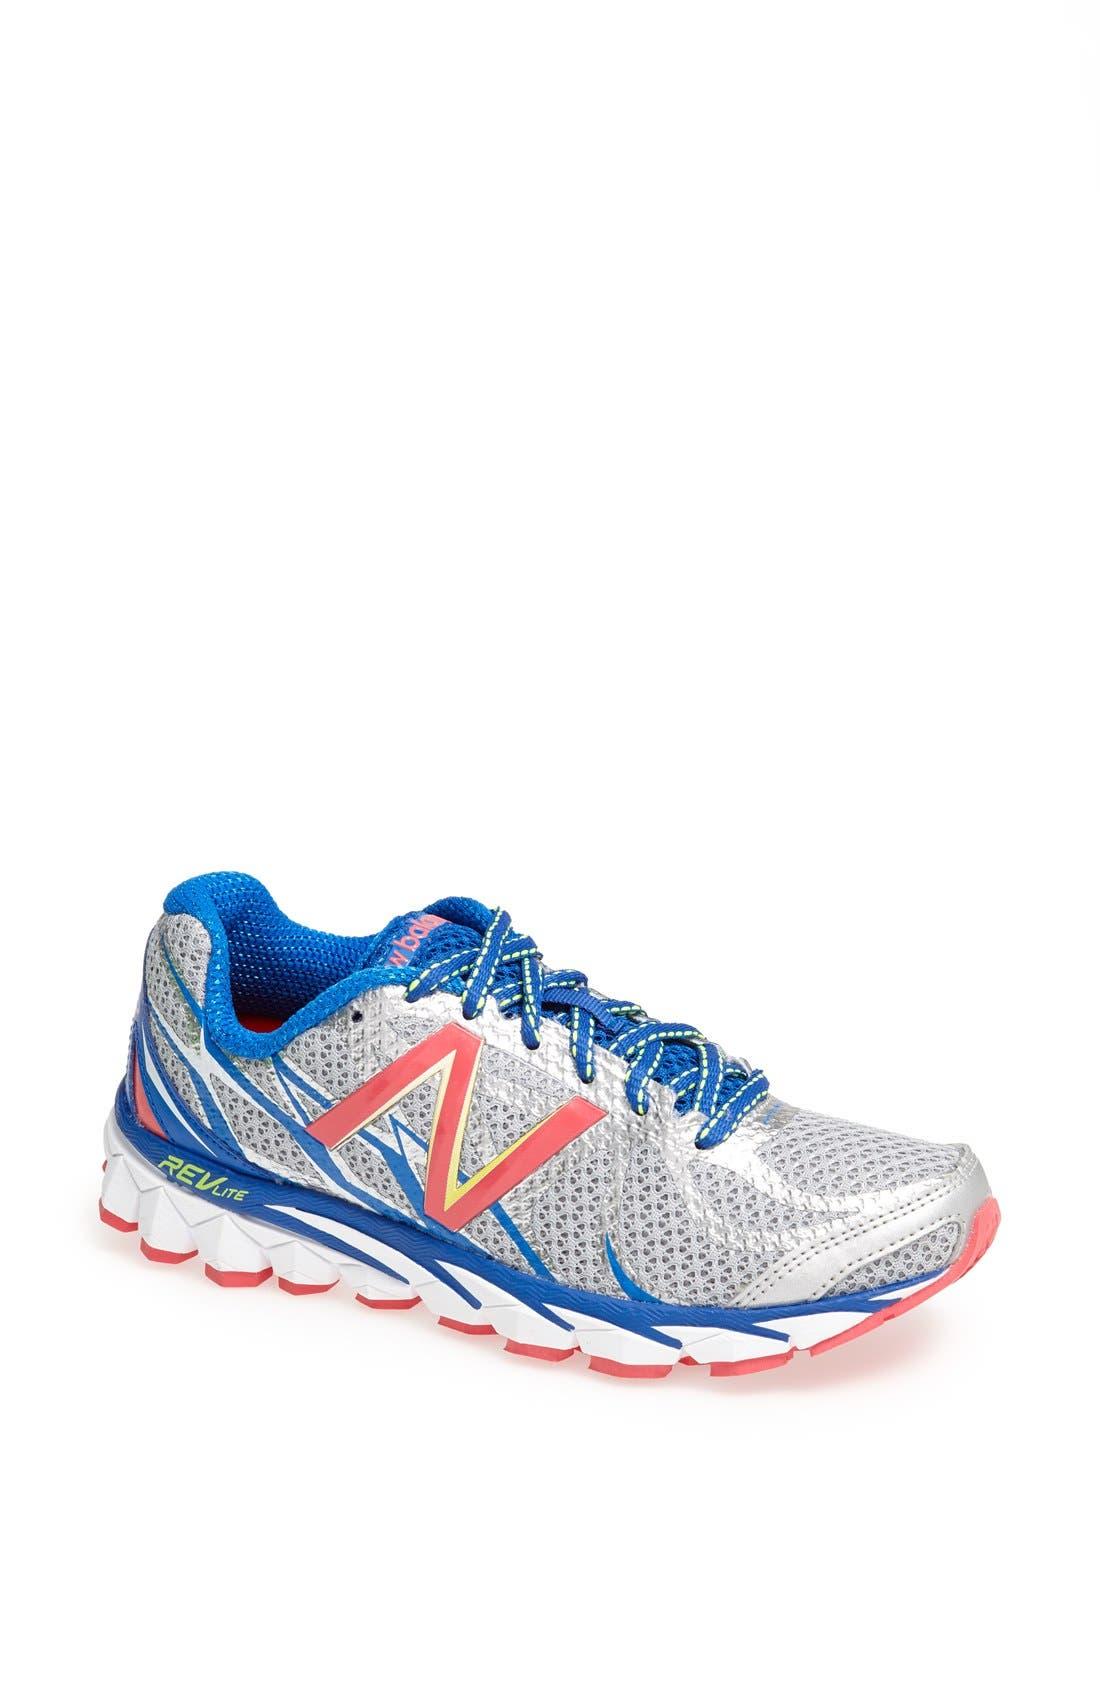 New Balance '3190' Running Shoe (Women